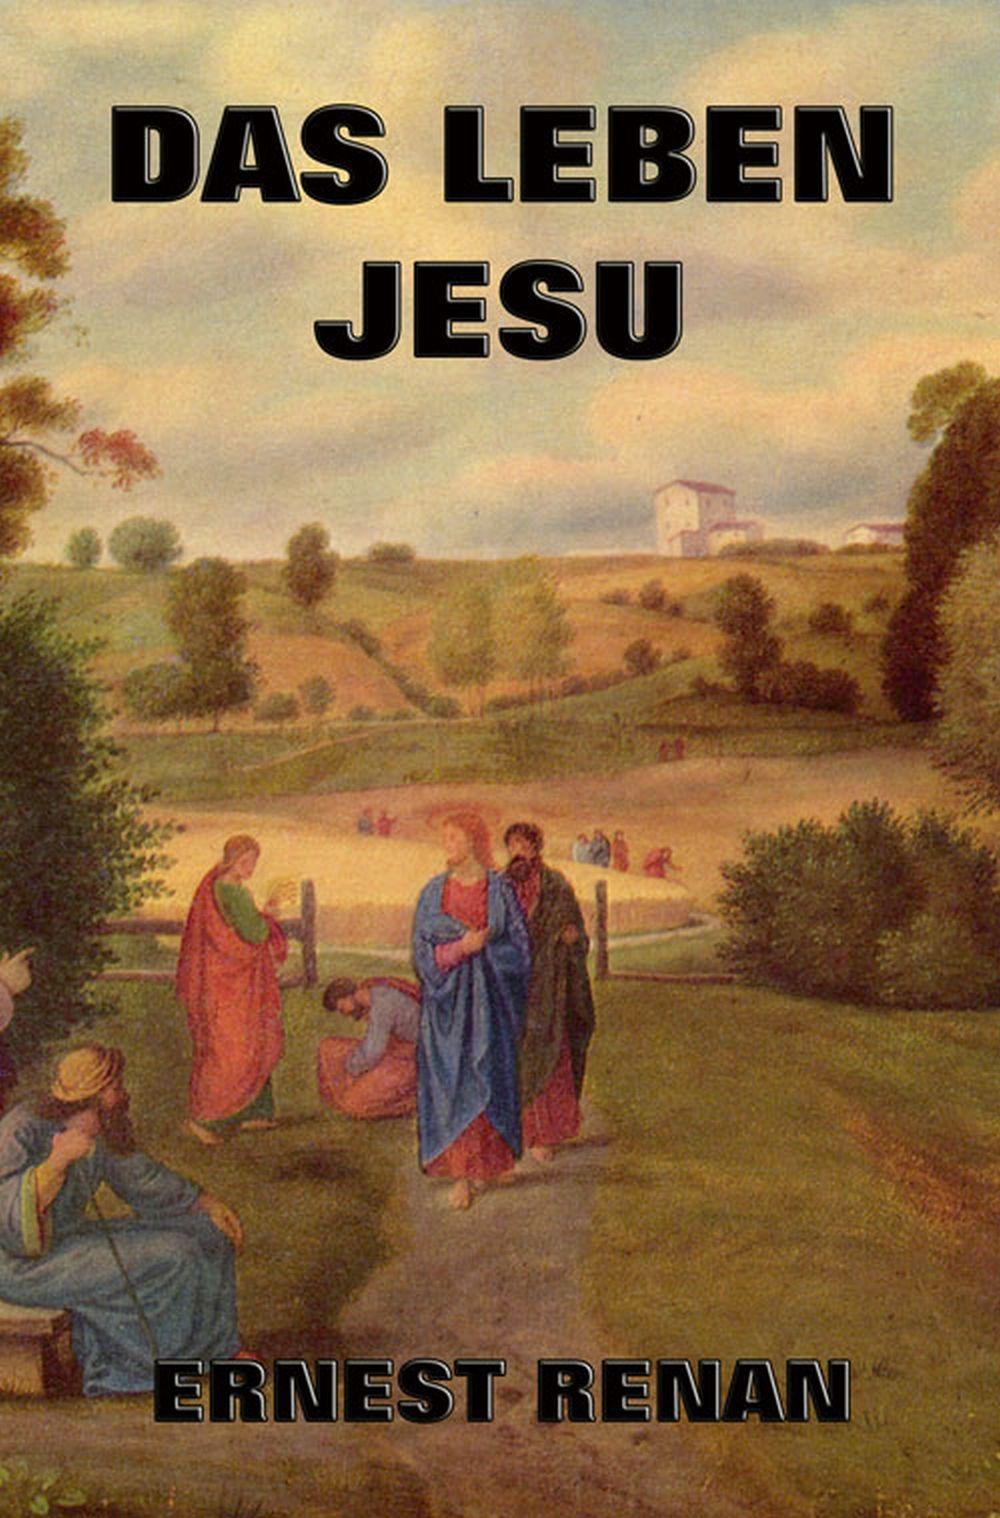 купить Ernest Renan Das Leben Jesu дешево